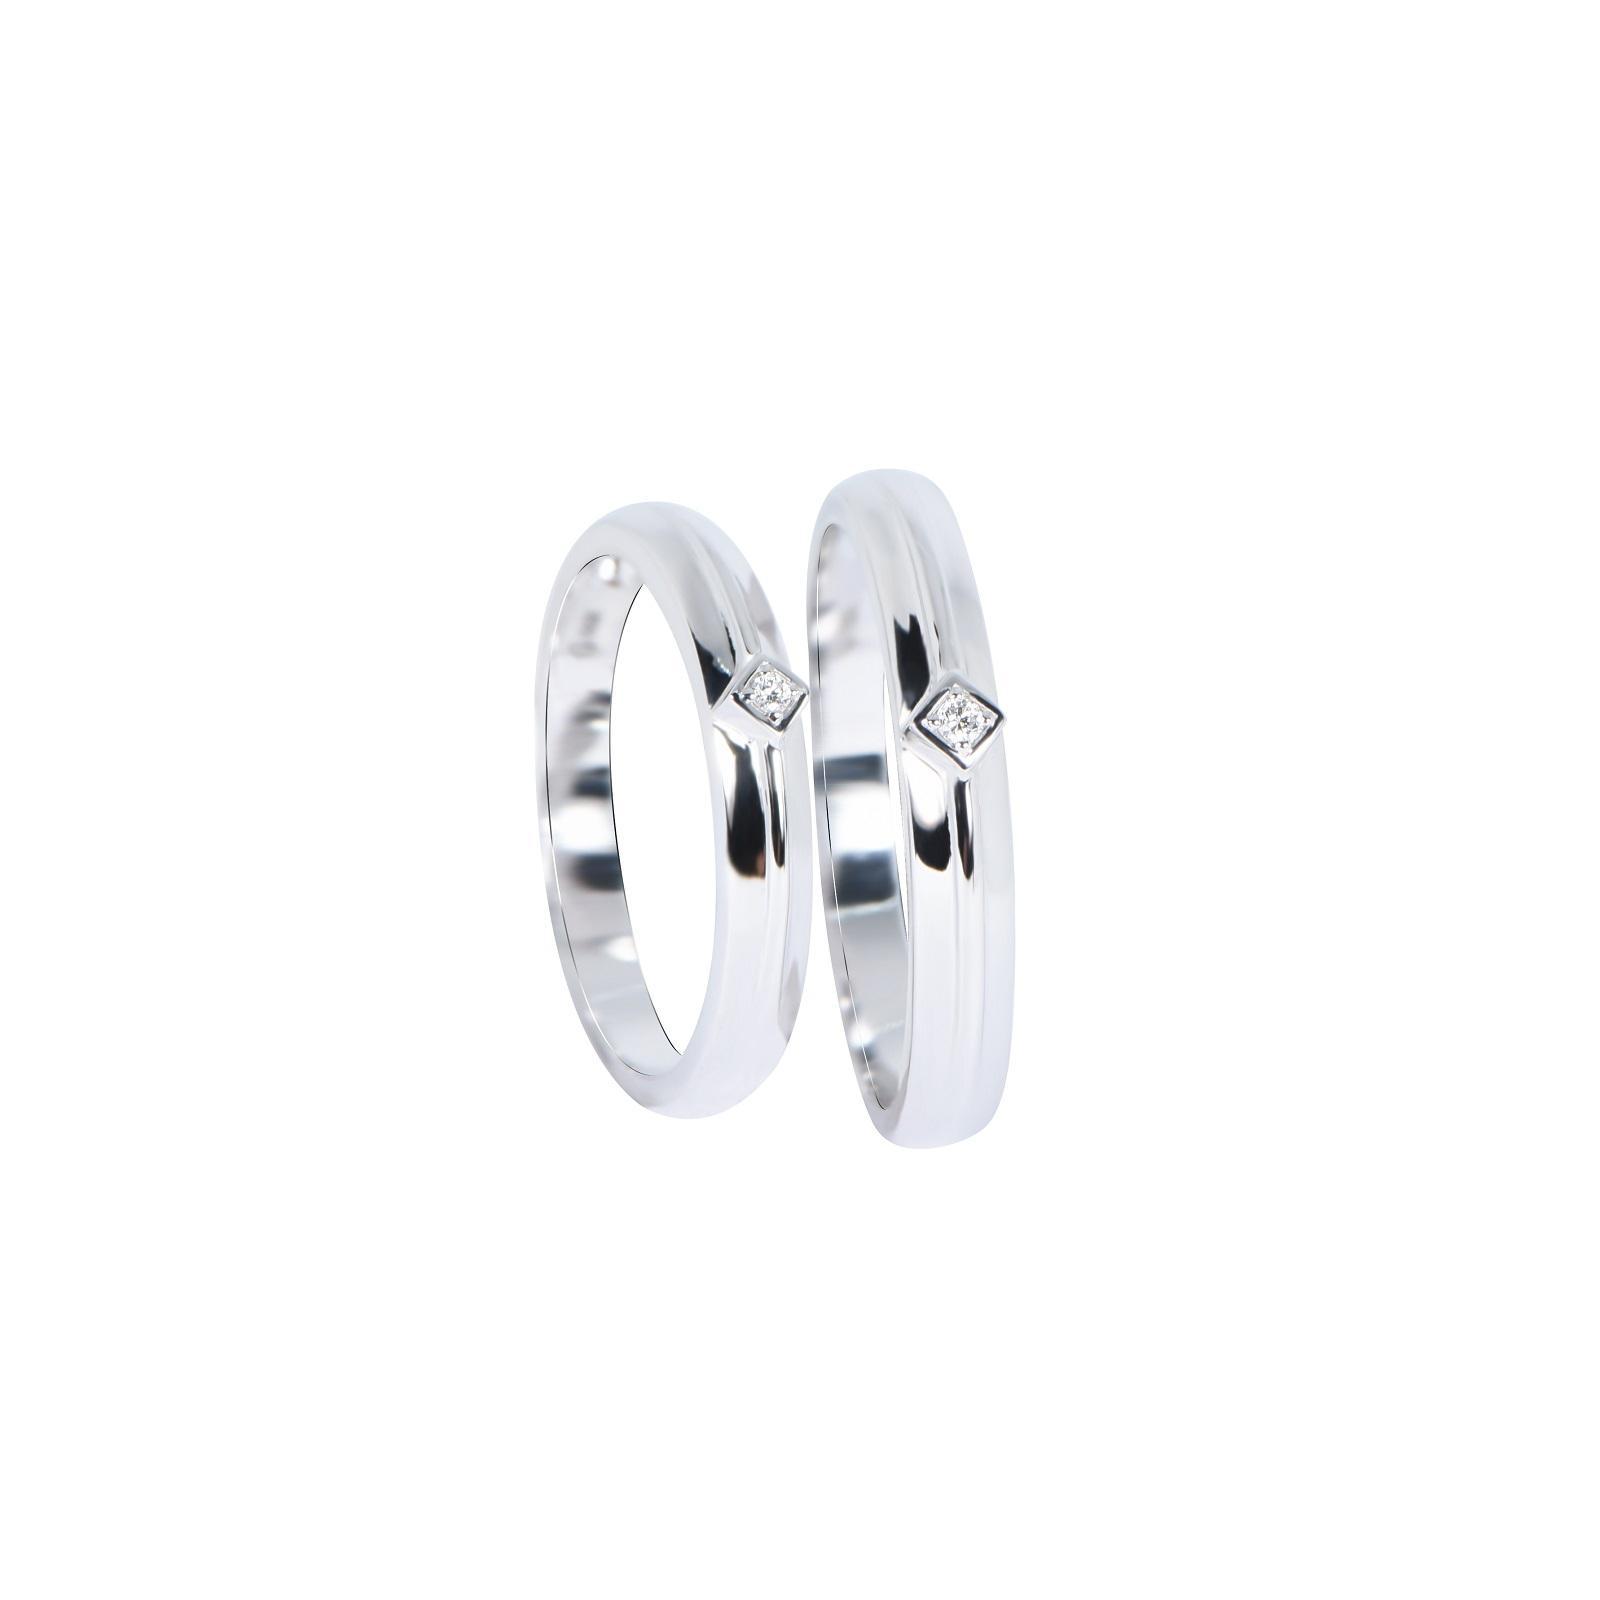 Nhẫn cưới Kim cương nữ 20QR020.2TI